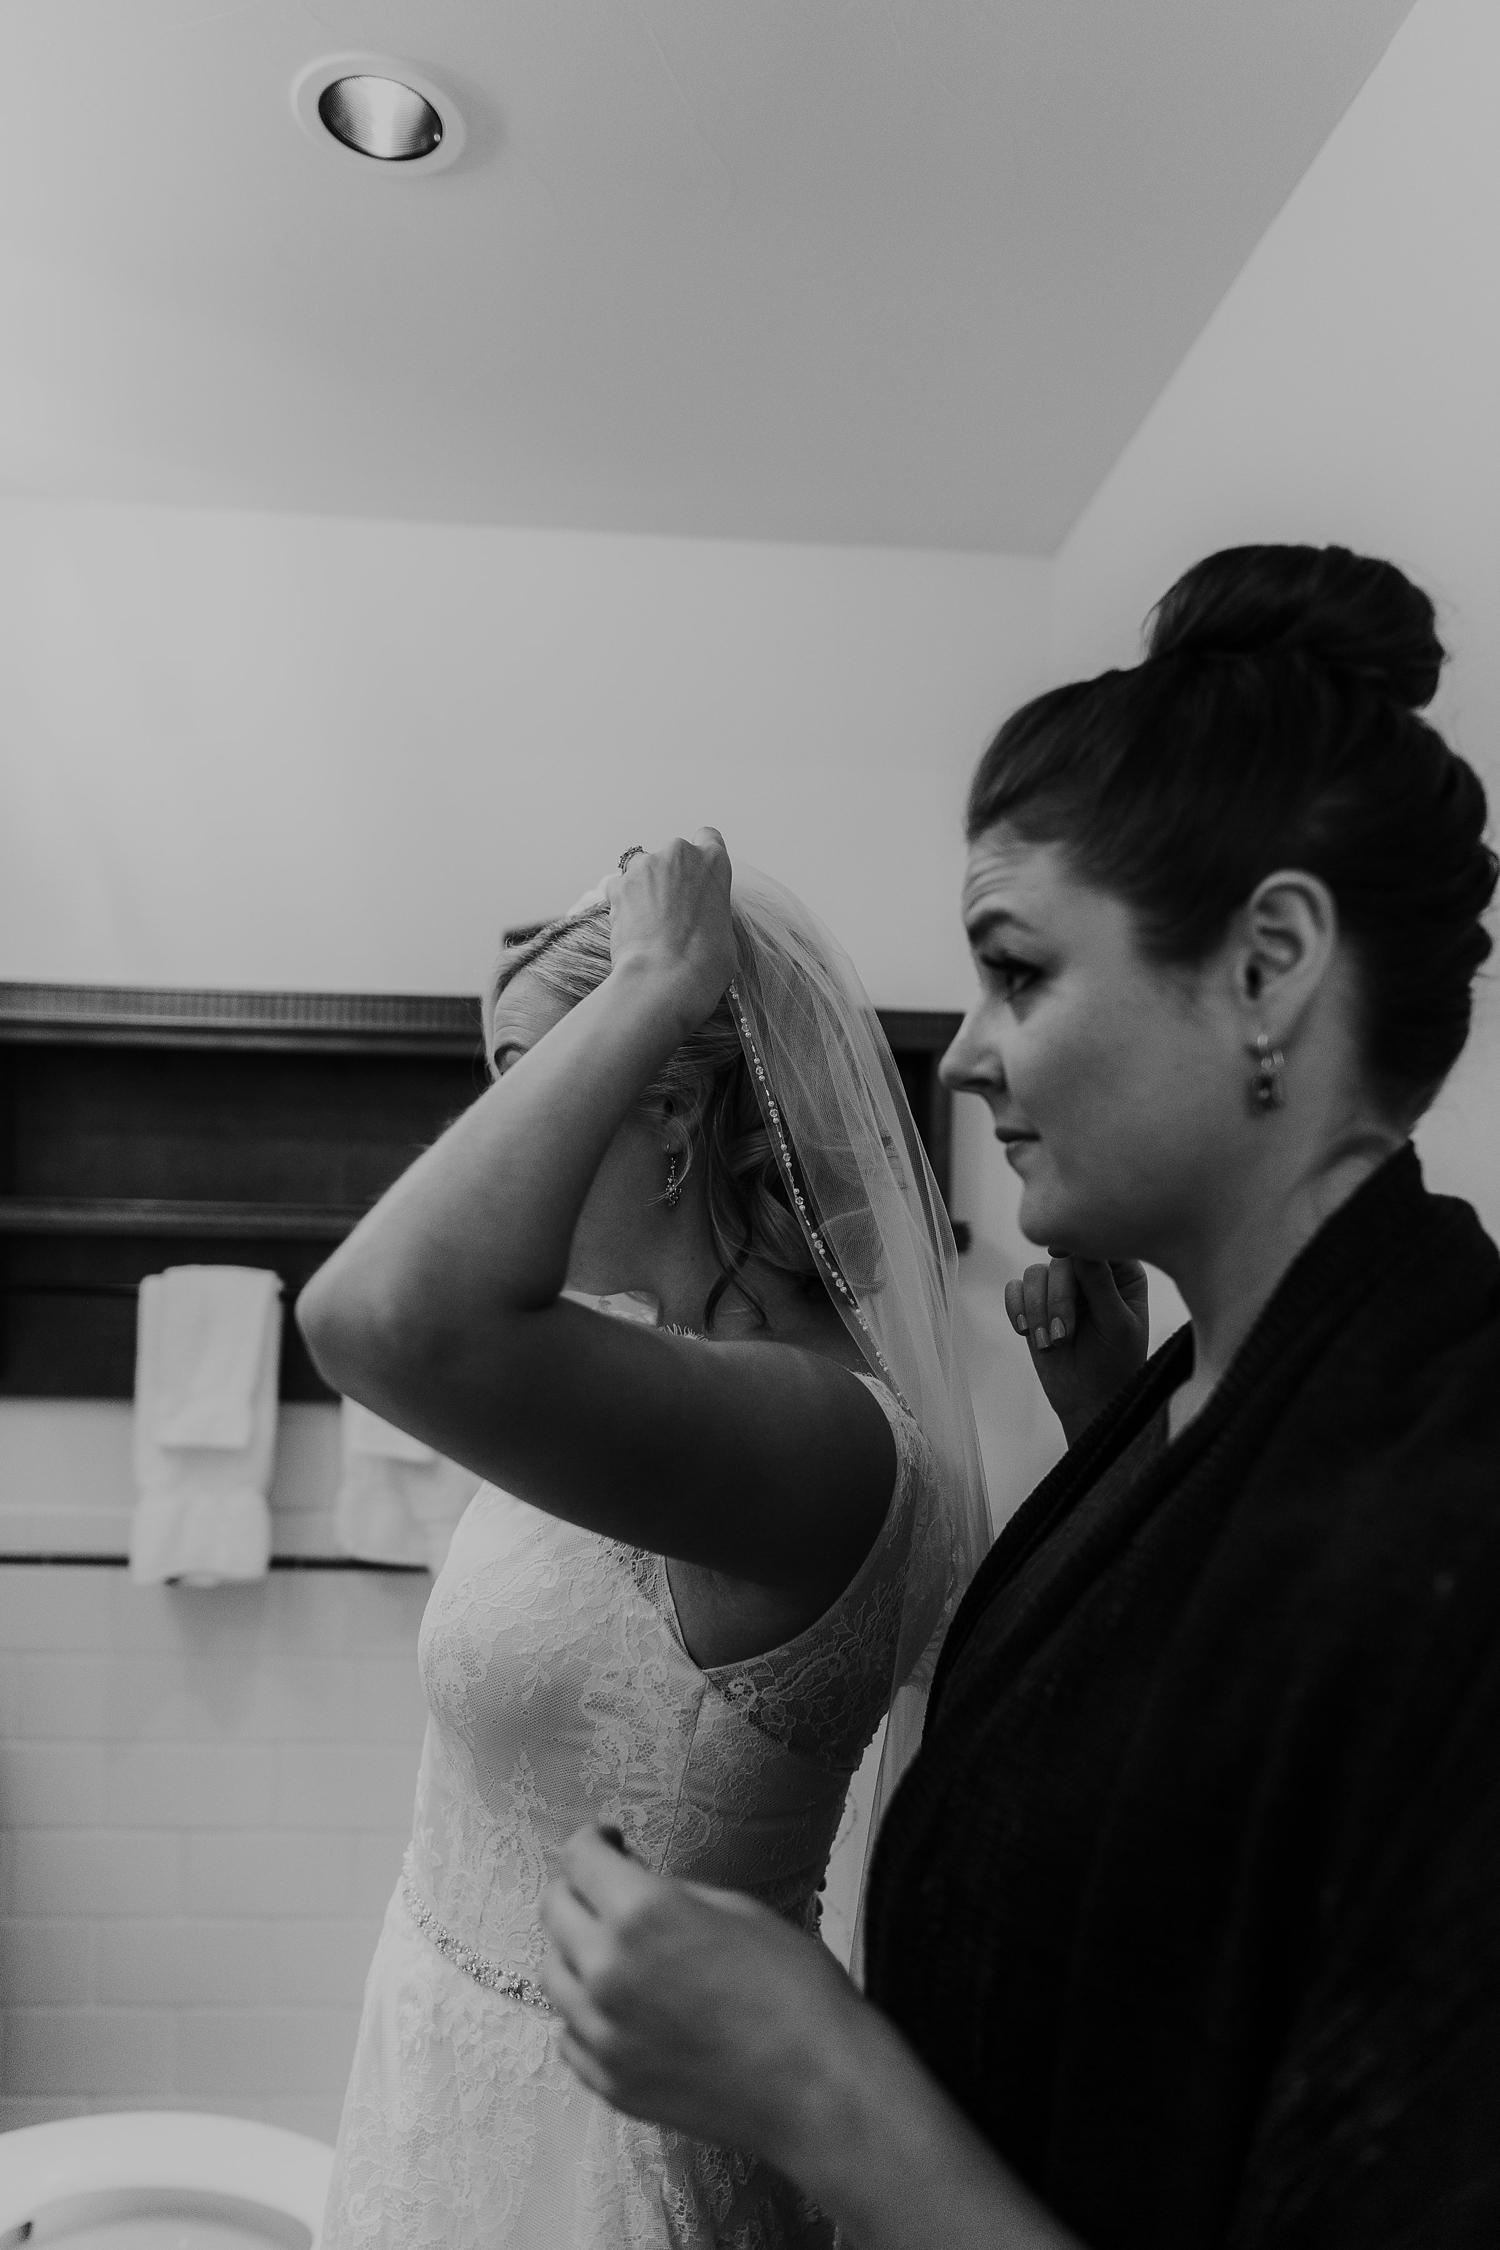 Alicia+lucia+photography+-+albuquerque+wedding+photographer+-+santa+fe+wedding+photography+-+new+mexico+wedding+photographer+-+la+fonda+wedding+-+la+fonda+fall+wedding+-+intimate+la+fonda+wedding_0006.jpg